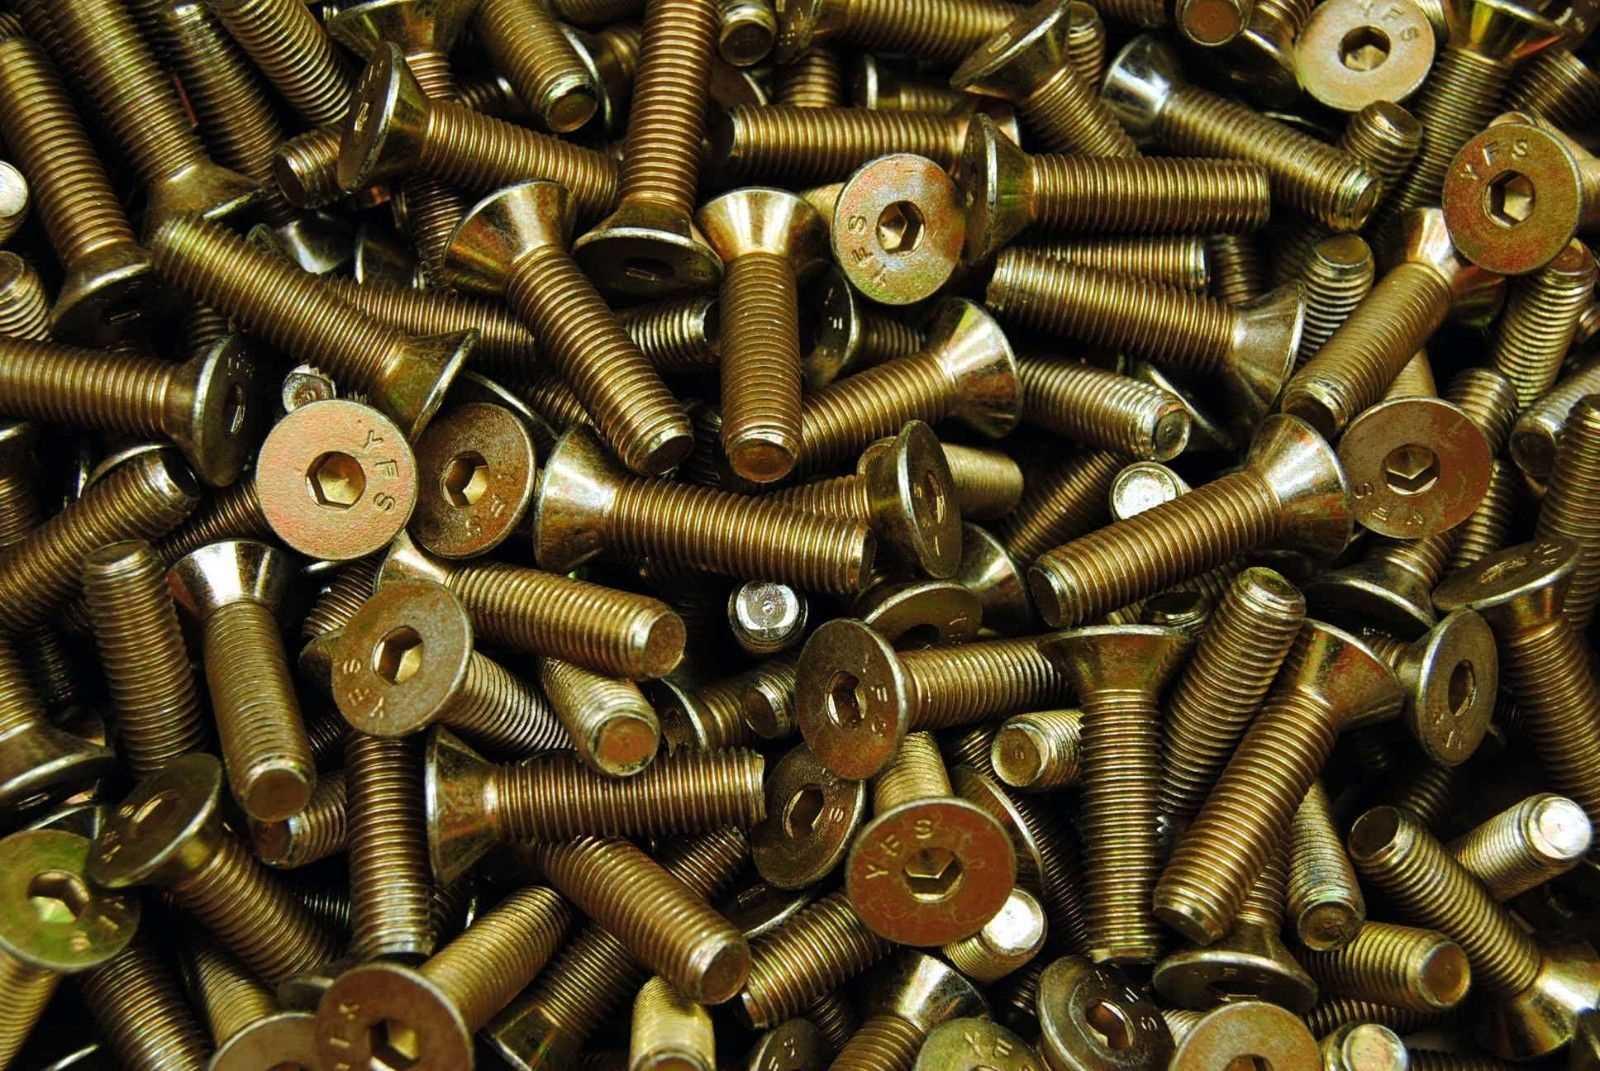 DIN 7991 Senkschrauben mit Innensechskant gelb verzinkt 8.8 Foto/Skizze: Schraube & Mutter 49429 Visbek